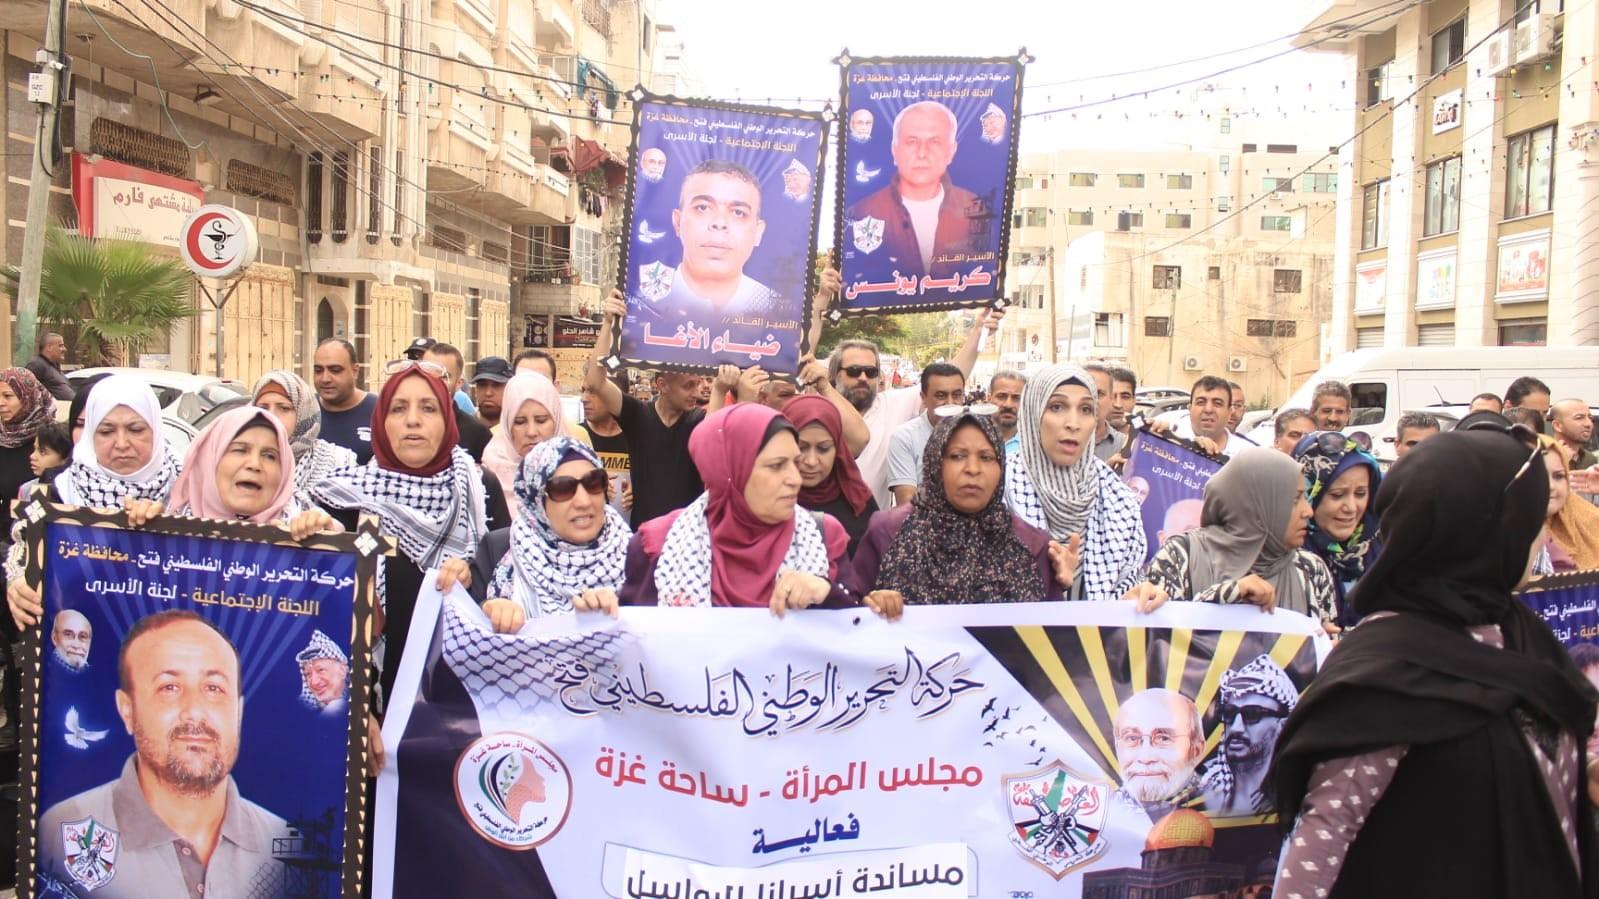 شاهد: مسير كشفي رافض لصفقة القرن والضم في غزّة